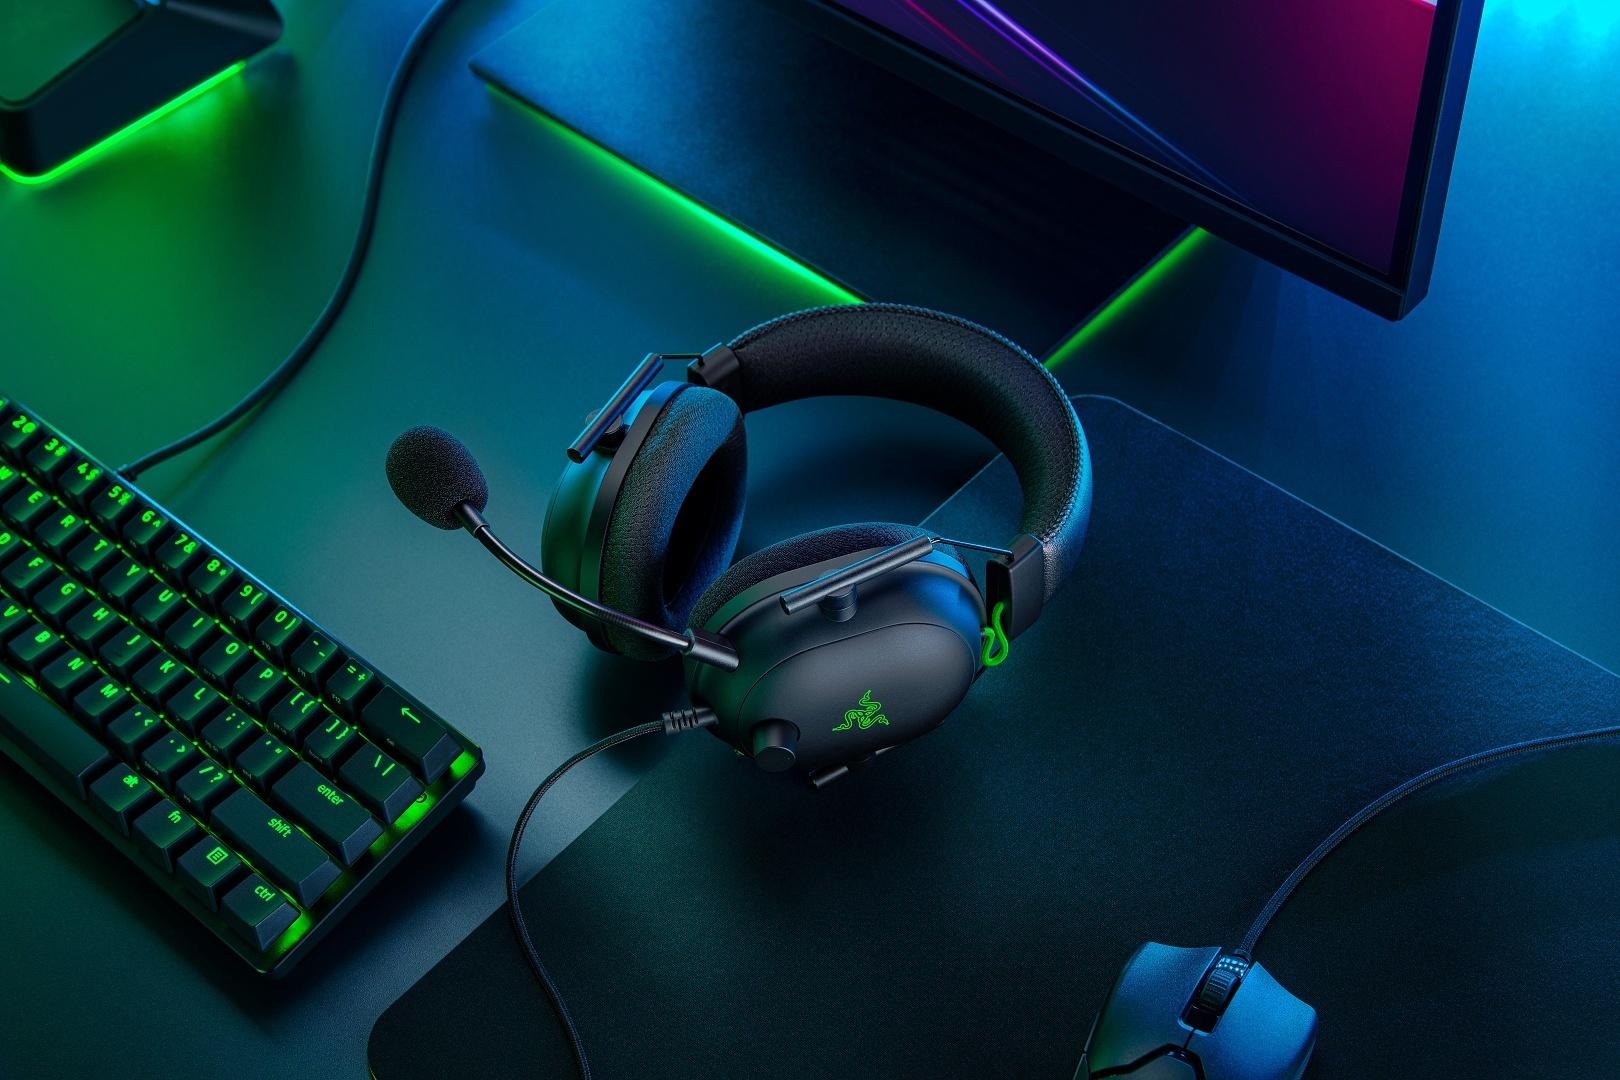 雷蛇推出新电竞耳机「雷蛇 BlackShark V2」 搭载HyperClear 心型指向性麦克风